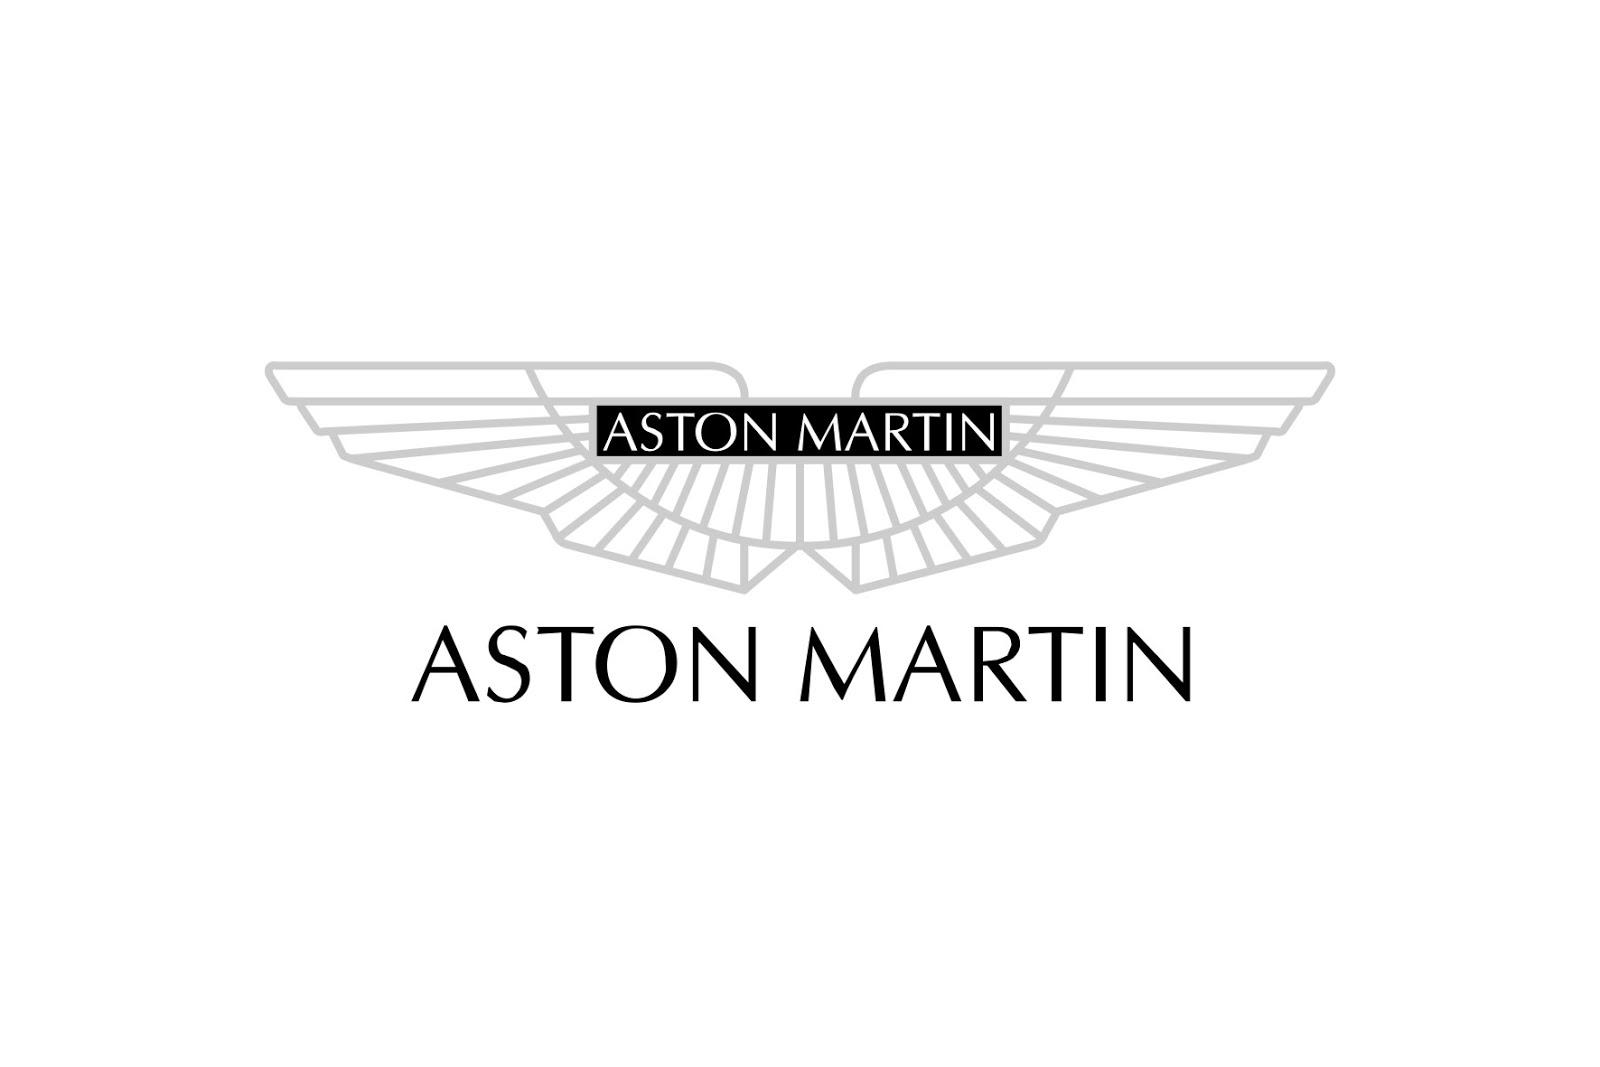 ashton martin logo bing images